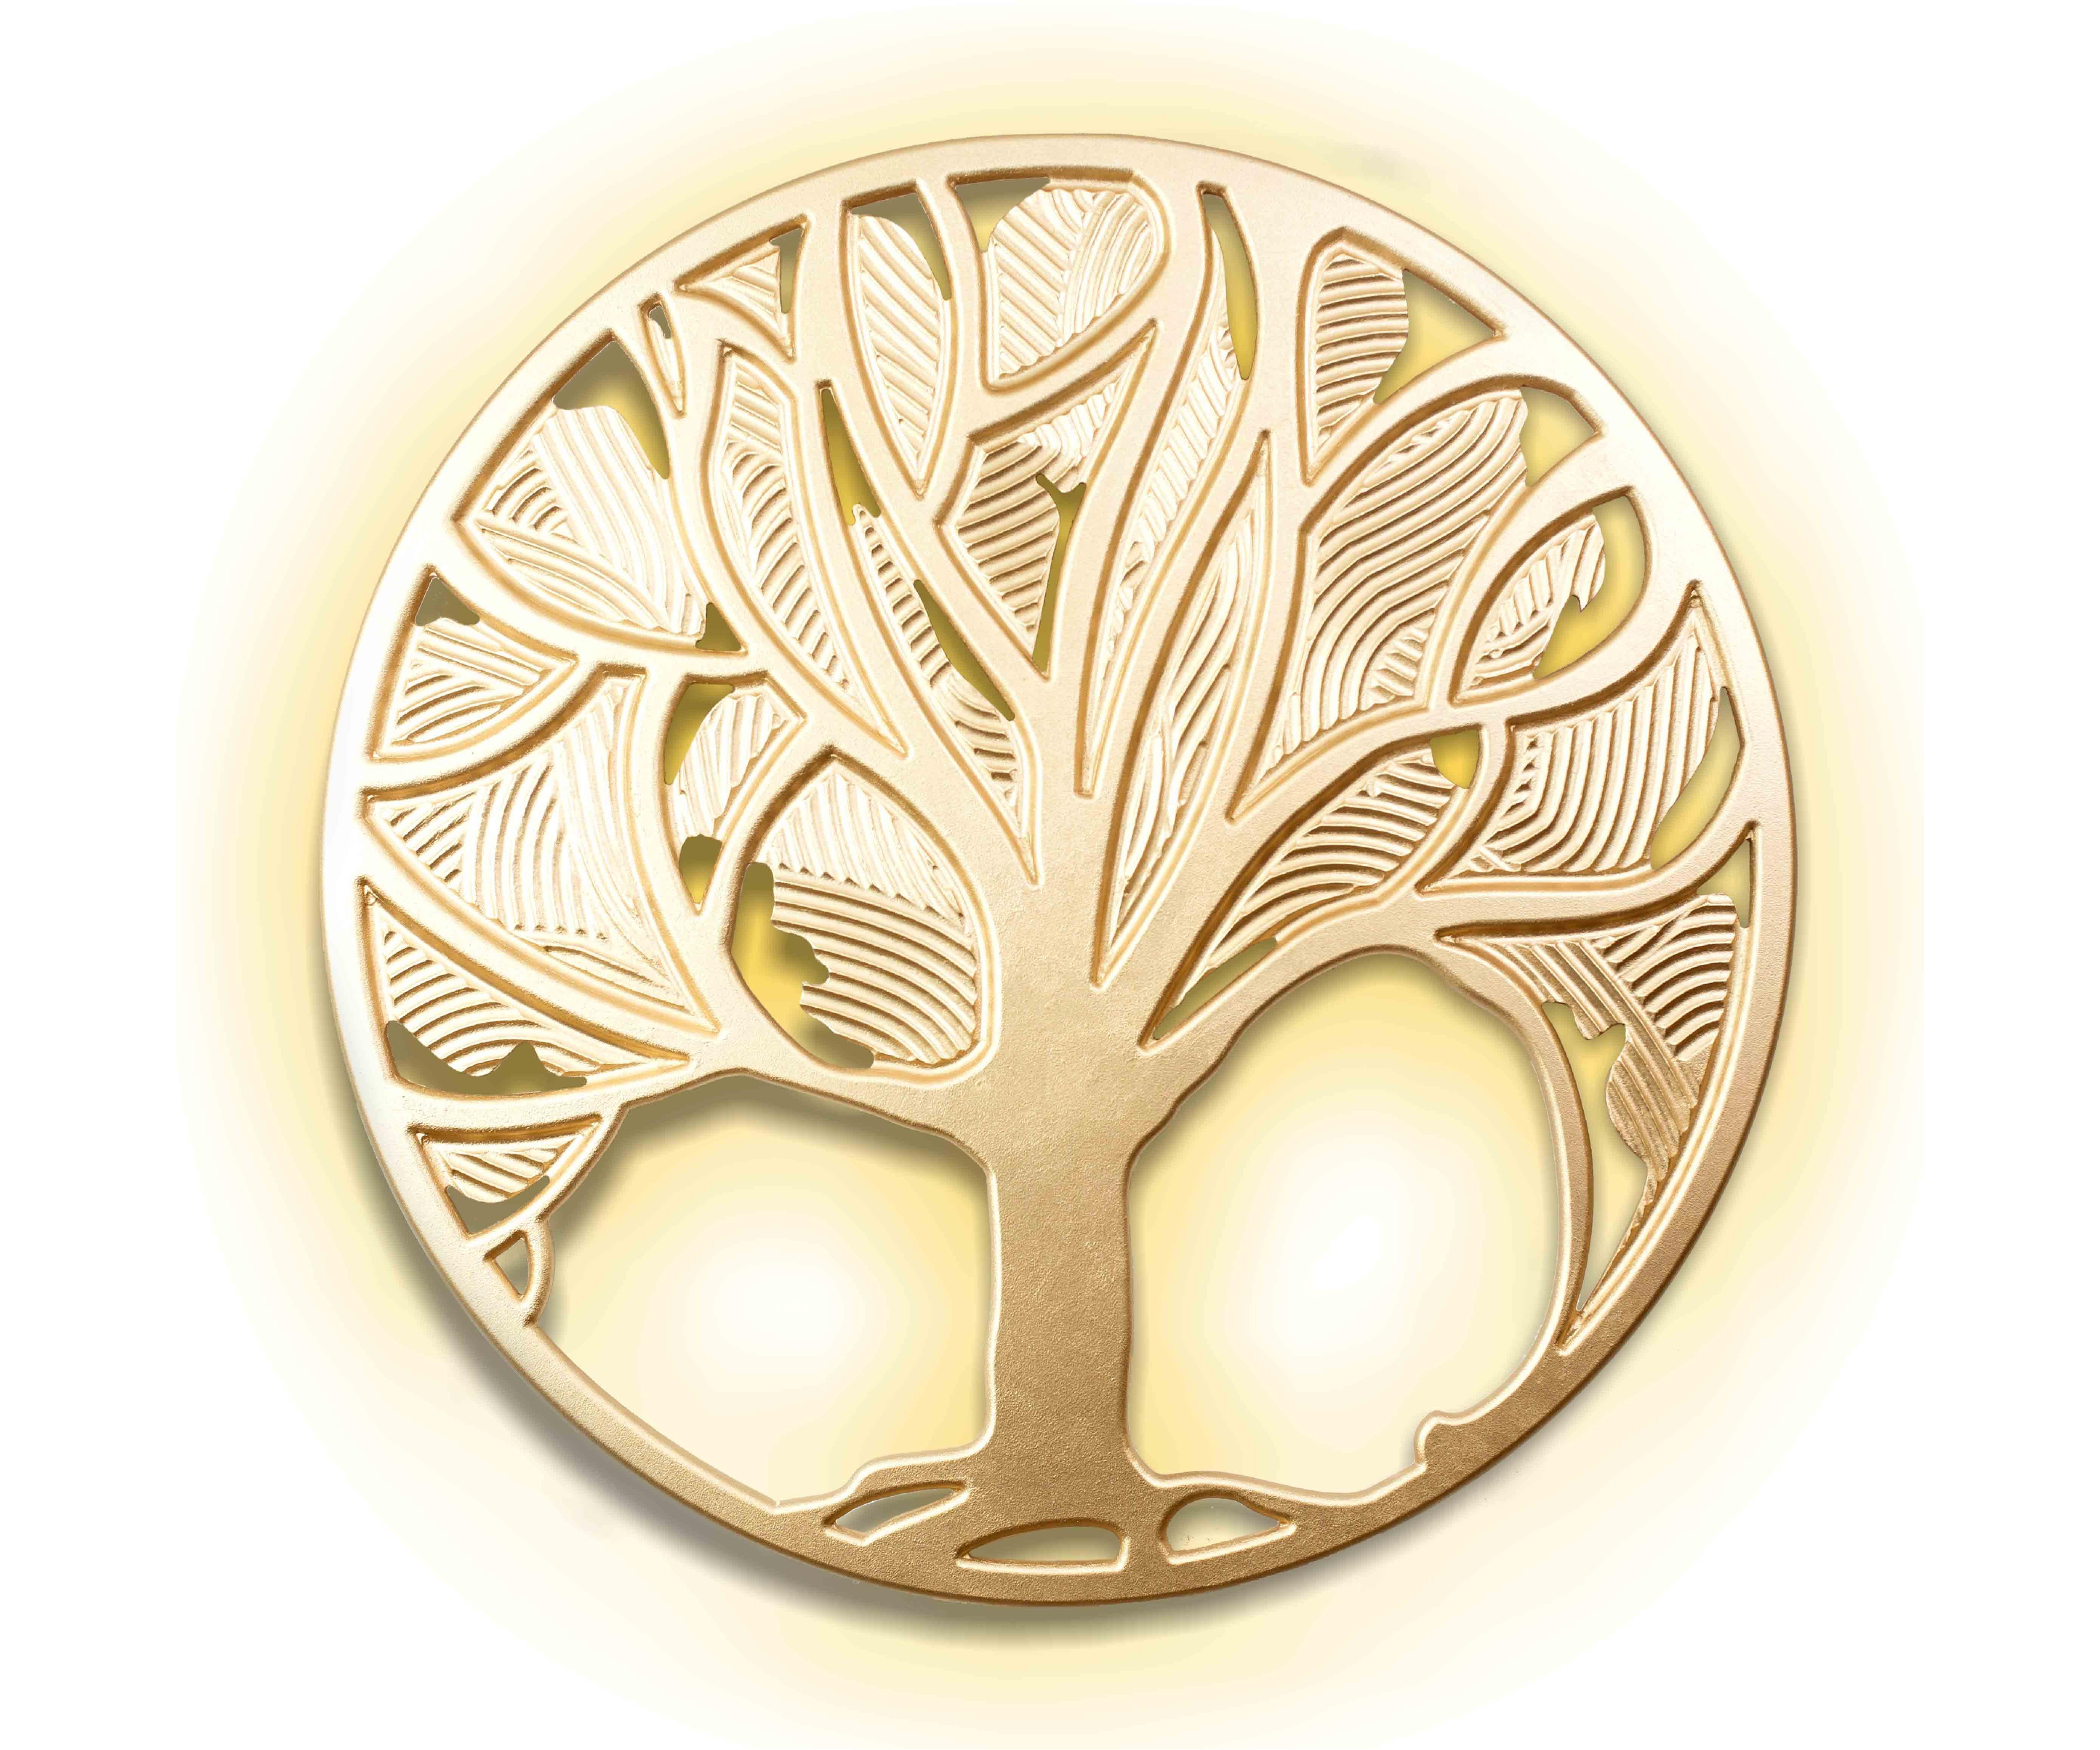 Панно Древо жизни FelicityПанно<br>&amp;lt;span style=&amp;quot;line-height: 24.9999px;&amp;quot;&amp;gt;Это эксклюзивное панно ручной работы вырезано из древесины ценных пород и покрыто золотой краской. Встроенная подсветка из 4 светодиодных лампочек создает вокруг &amp;quot;древа жизни&amp;quot; мягкое уютное свечение. Таким образом, панно можно использовать не только как настенное украшение, но и как дополнительный источник точечного освещения. Вес изделия - 7 кг.&amp;lt;/span&amp;gt;&amp;lt;div&amp;gt;&amp;lt;span style=&amp;quot;line-height: 24.9999px;&amp;quot;&amp;gt;&amp;lt;br&amp;gt;&amp;lt;/span&amp;gt;&amp;lt;/div&amp;gt;&amp;lt;div&amp;gt;&amp;lt;span style=&amp;quot;line-height: 24.9999px;&amp;quot;&amp;gt;&amp;lt;p class=&amp;quot;MsoNormal&amp;quot;&amp;gt;Товарное предложение оснащено светодиодной подсветкой.&amp;lt;o:p&amp;gt;&amp;lt;/o:p&amp;gt;&amp;lt;/p&amp;gt;&amp;lt;/span&amp;gt;&amp;lt;/div&amp;gt;<br><br>Material: Дерево<br>Глубина см: 1